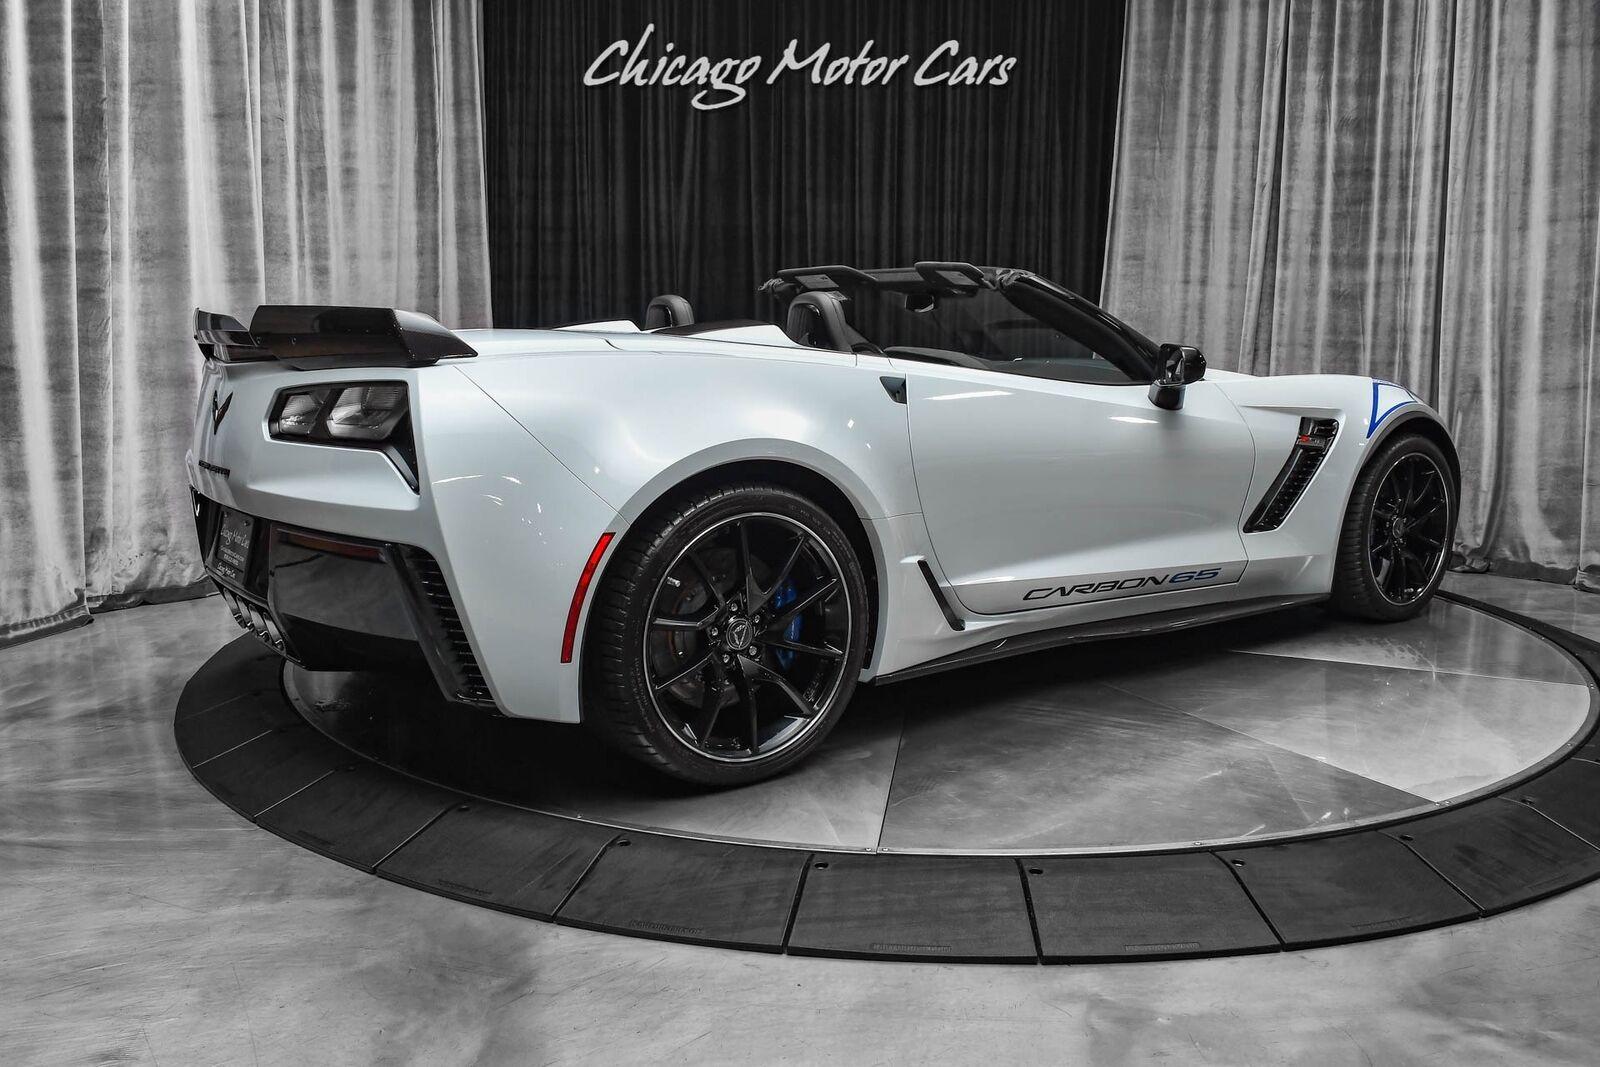 2018 White Chevrolet Corvette Z06 3LZ | C7 Corvette Photo 5